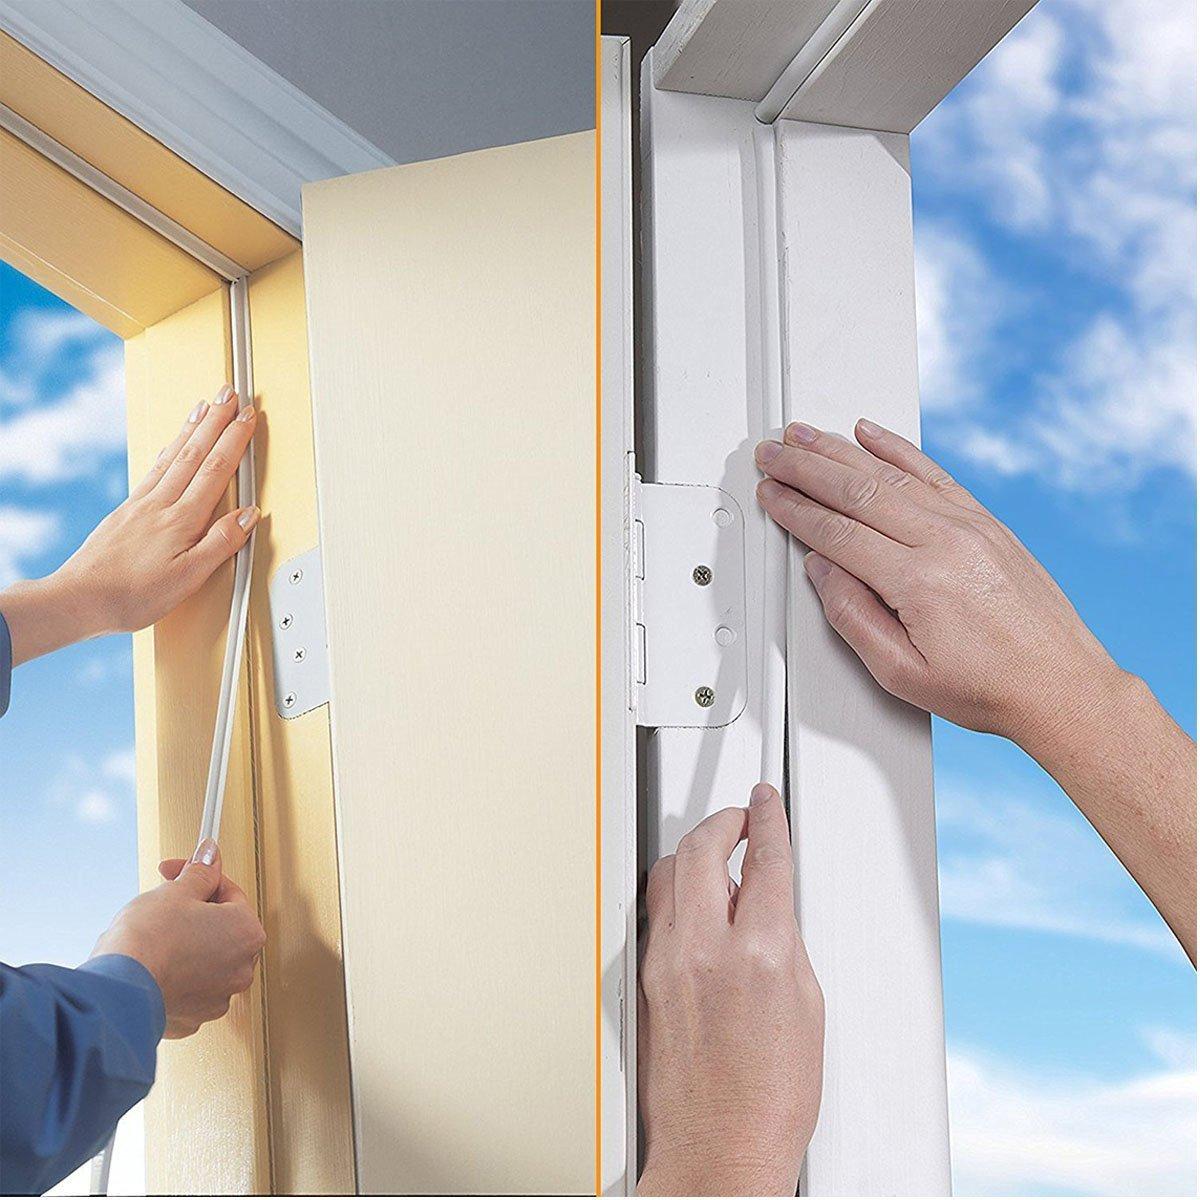 color blanco evita el ruido y las vibraciones para ventanas aislante e insonorizada Rantizon Stripping-01 reduce el sonido Cortina de goma autoadhesiva para puerta